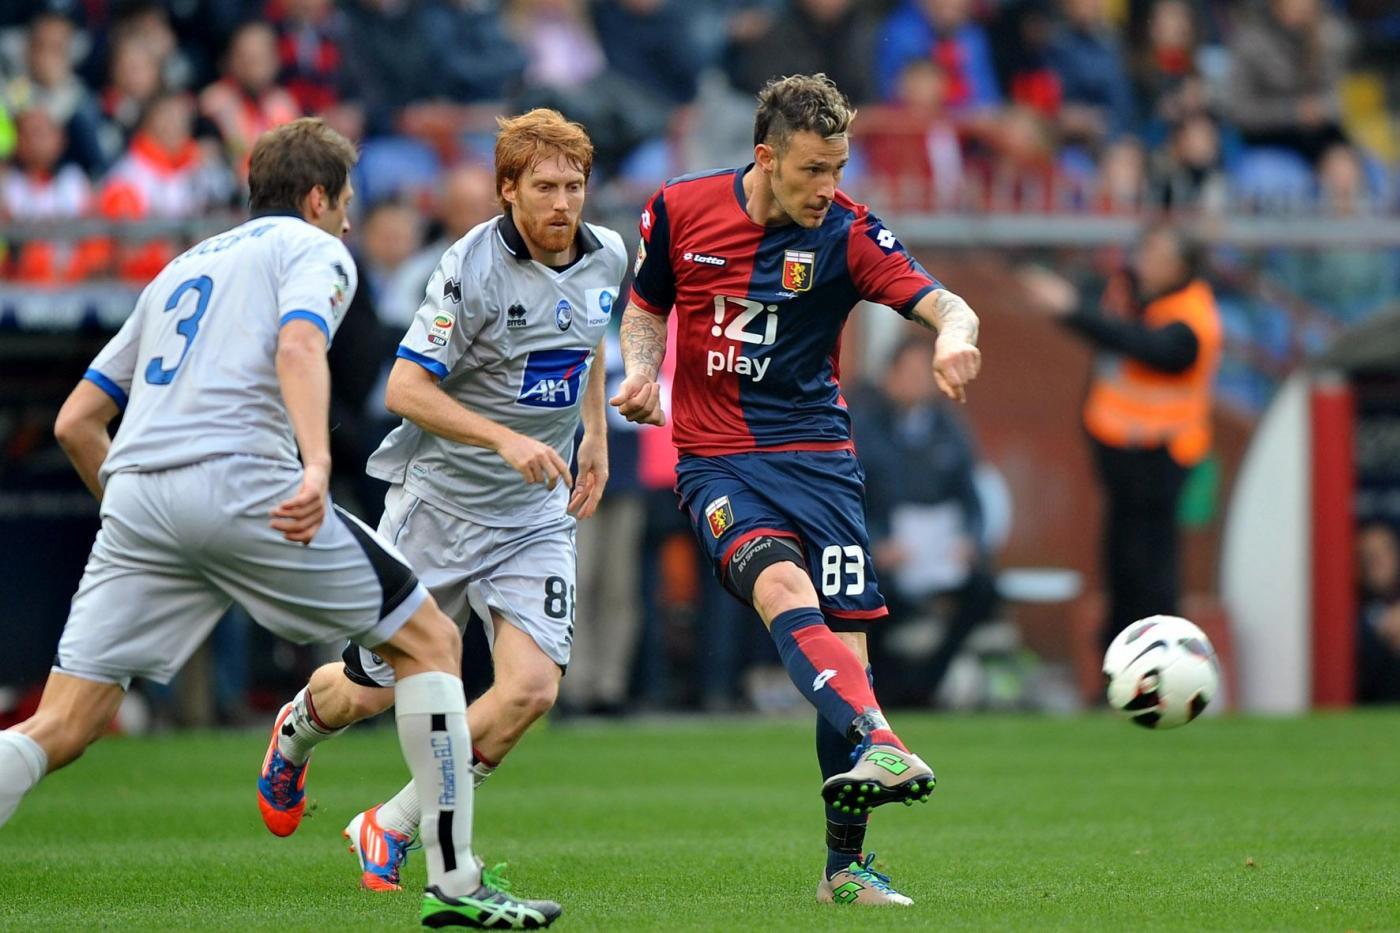 Genoa vs. Atalanta (LIVE STREAM) 15.05.2016 - Soccer Picks ...